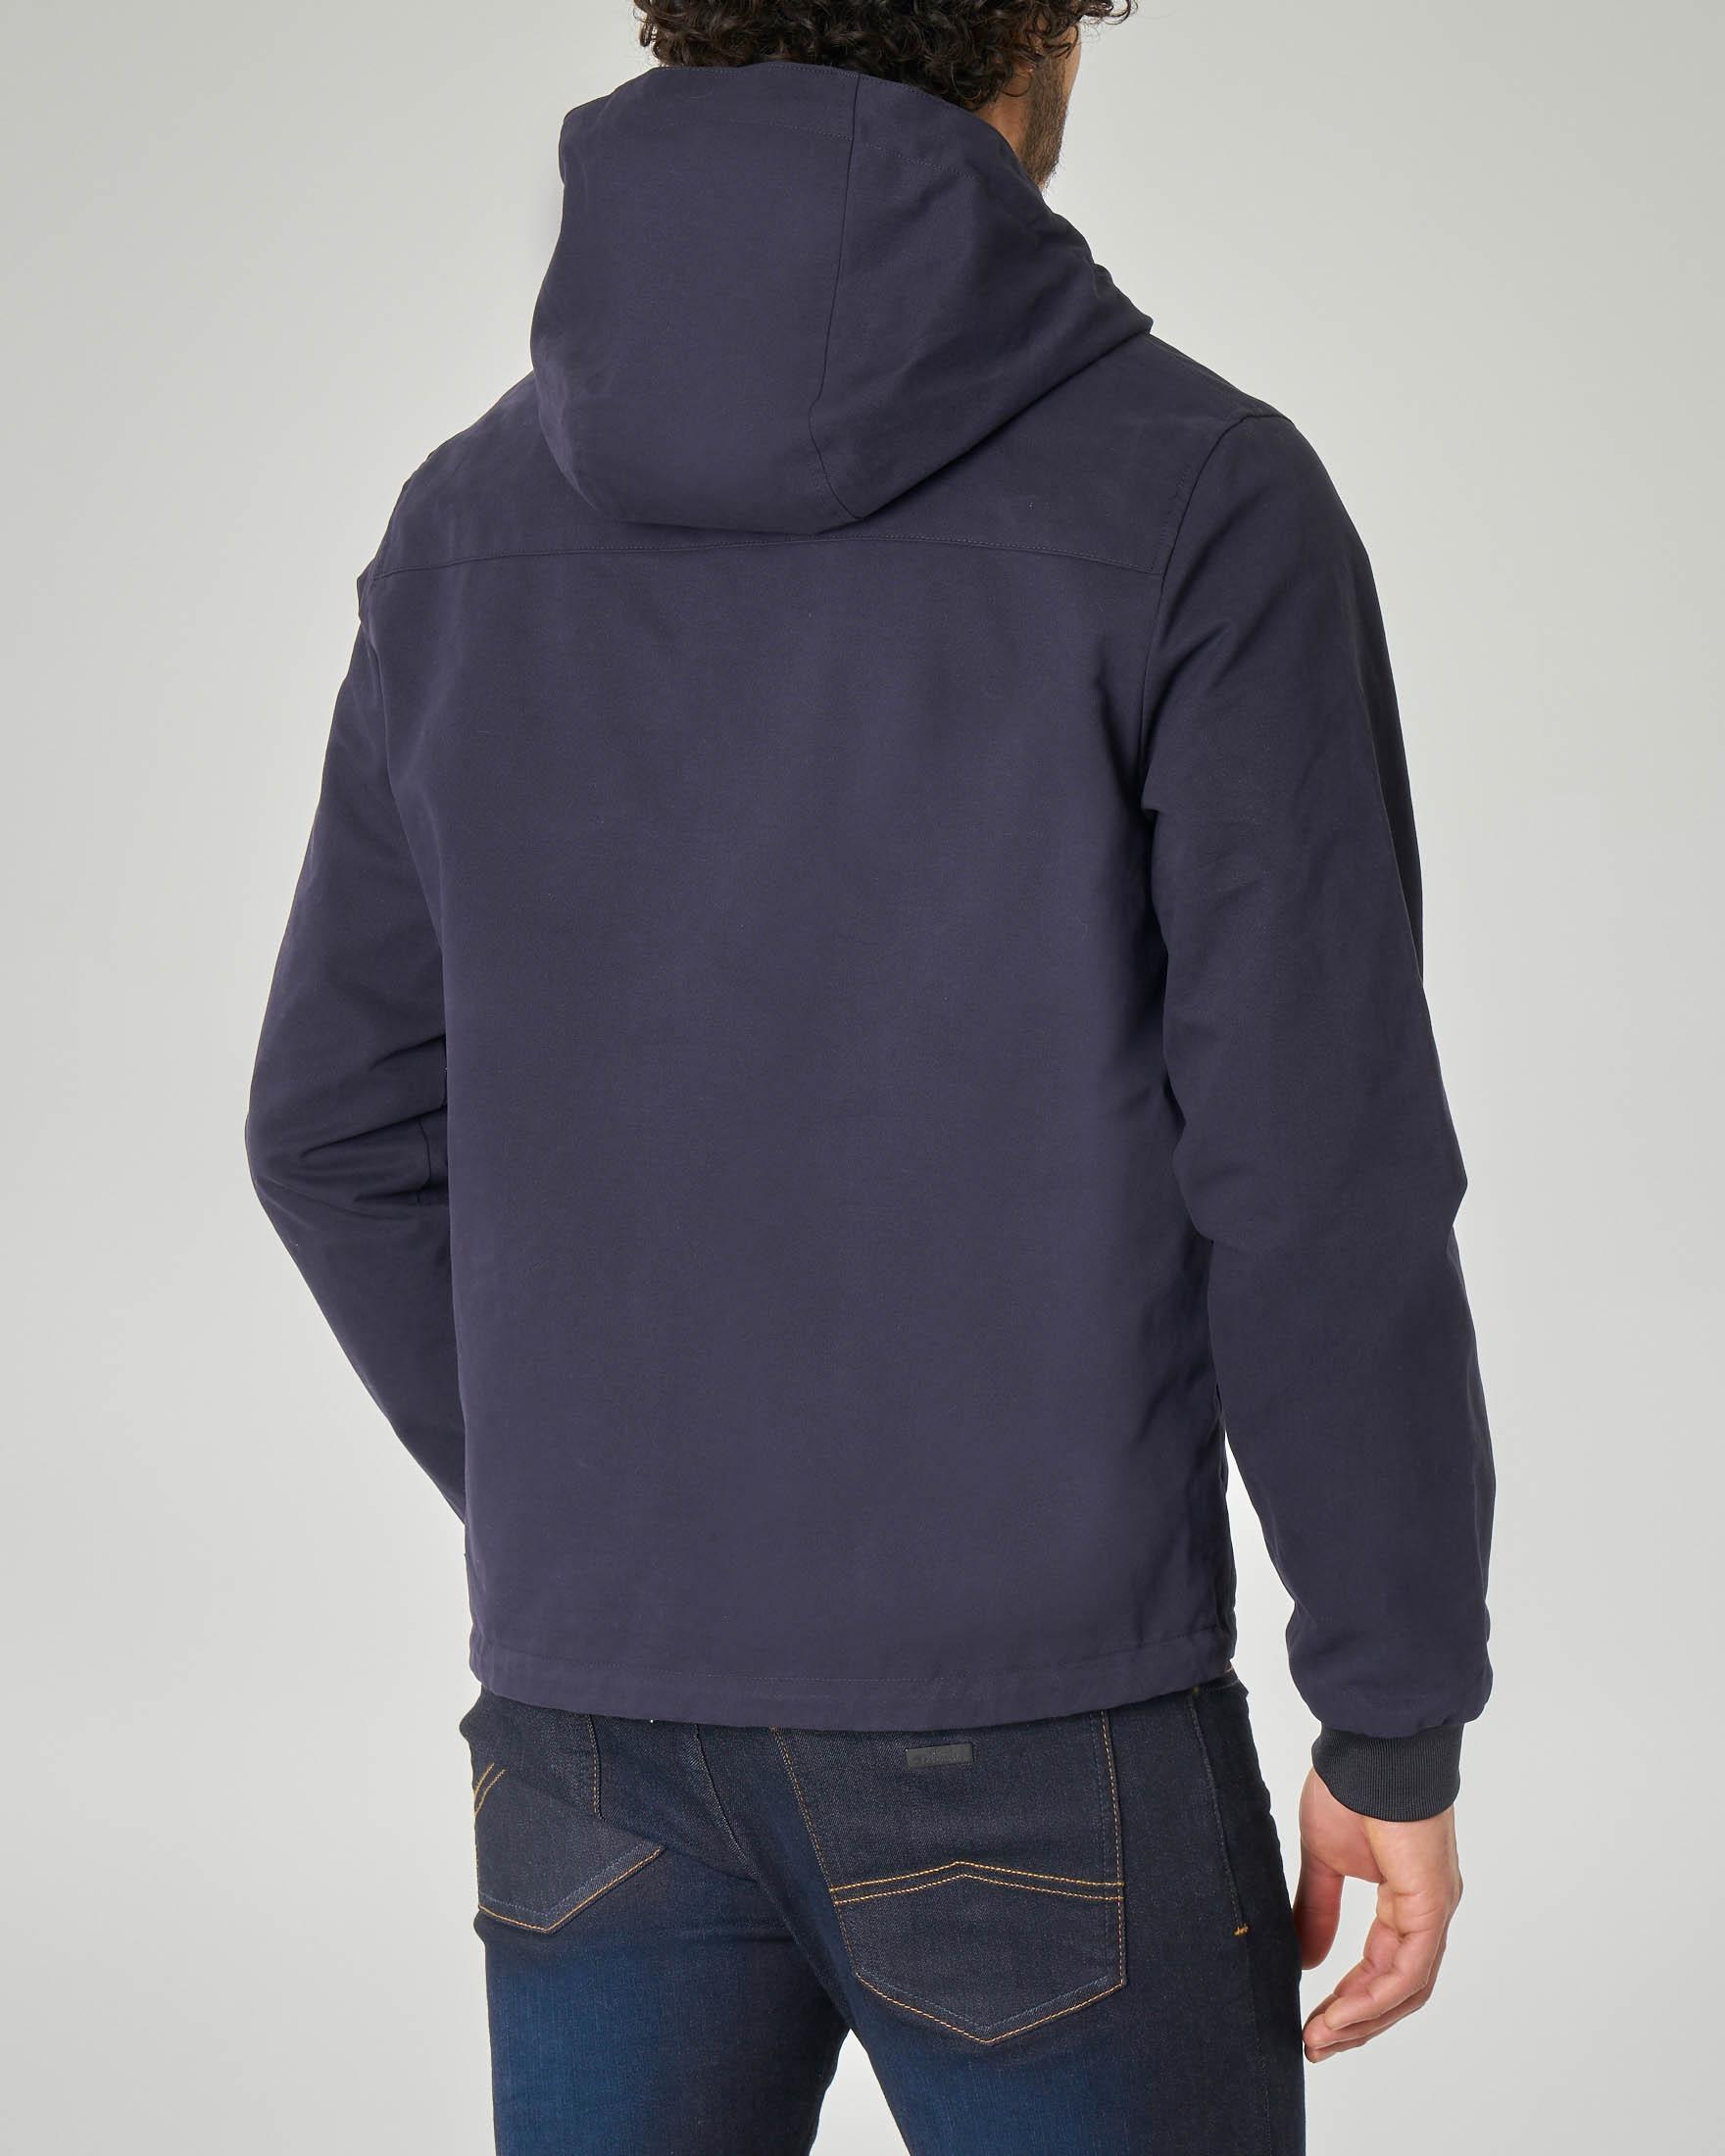 Giacca blu in cotone reversibile in giacca nylon nera